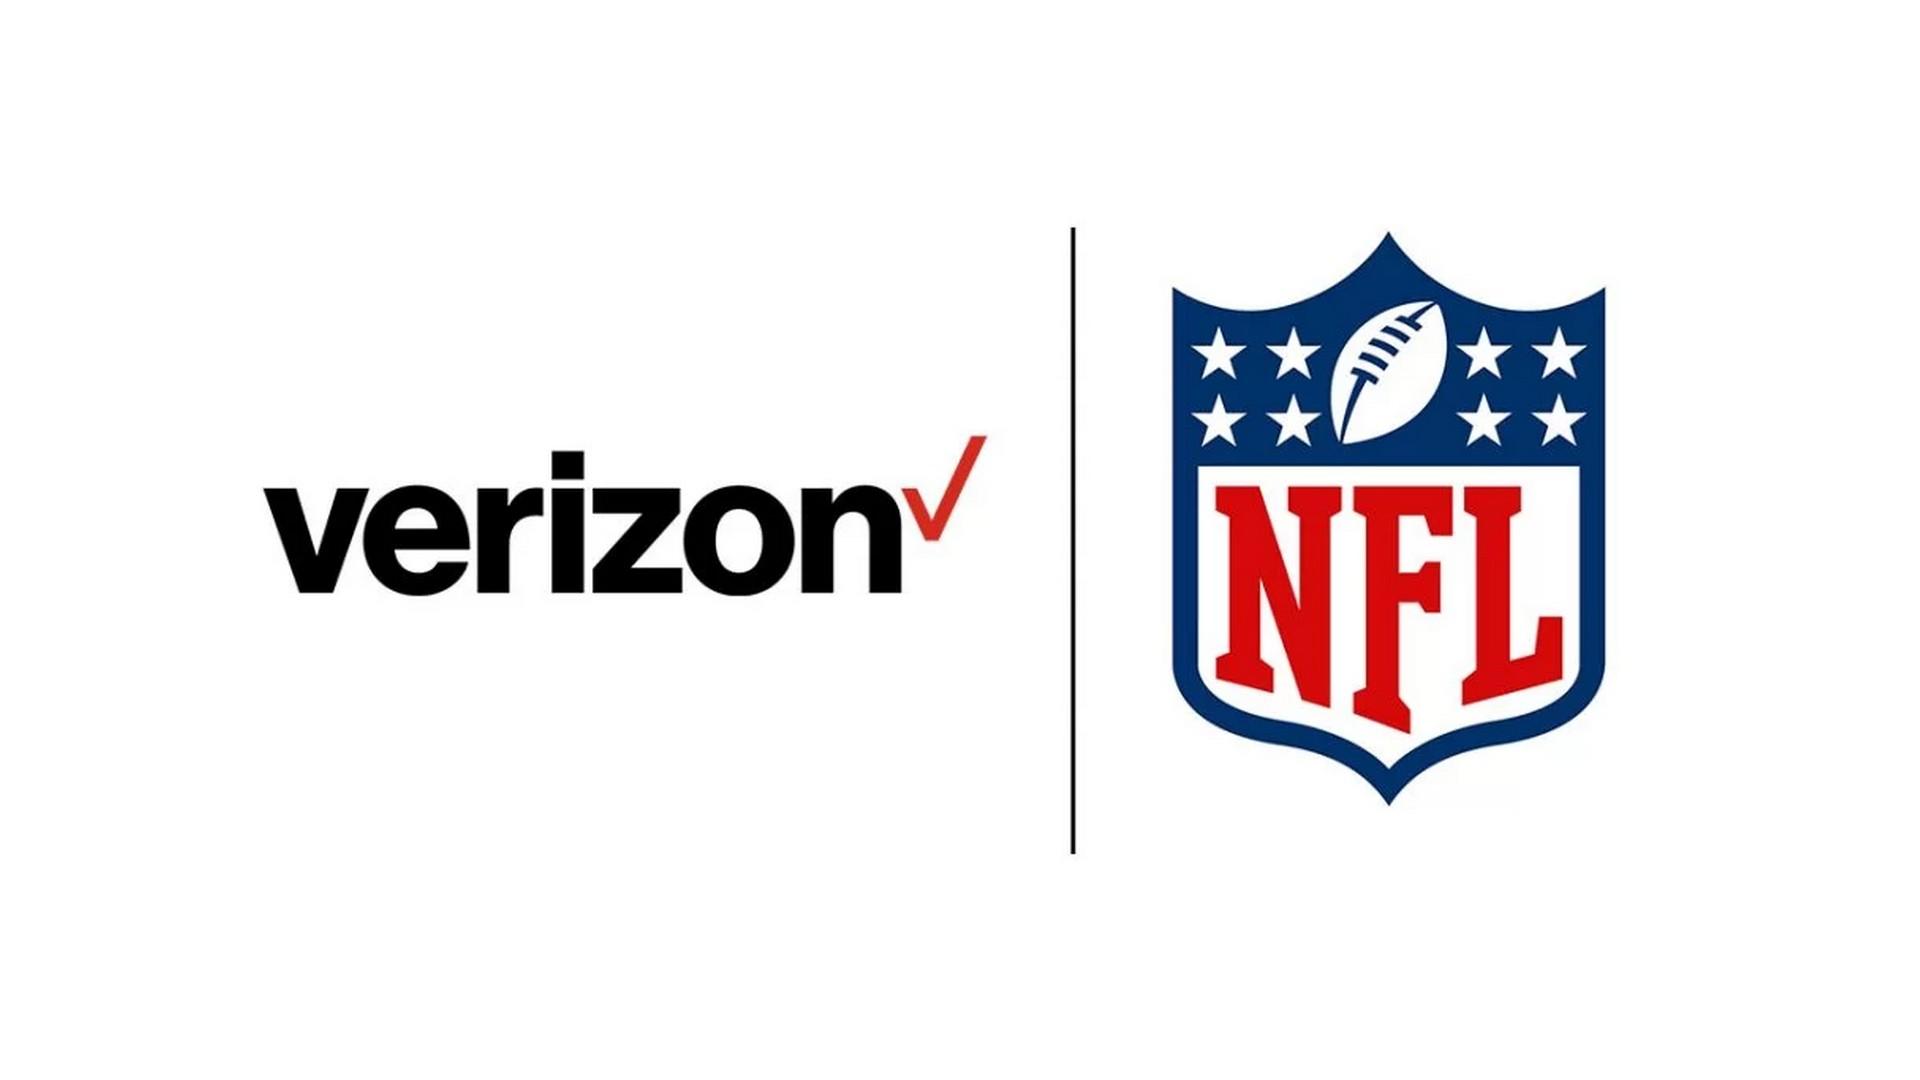 Verizon x NFL (Foot US) 2021